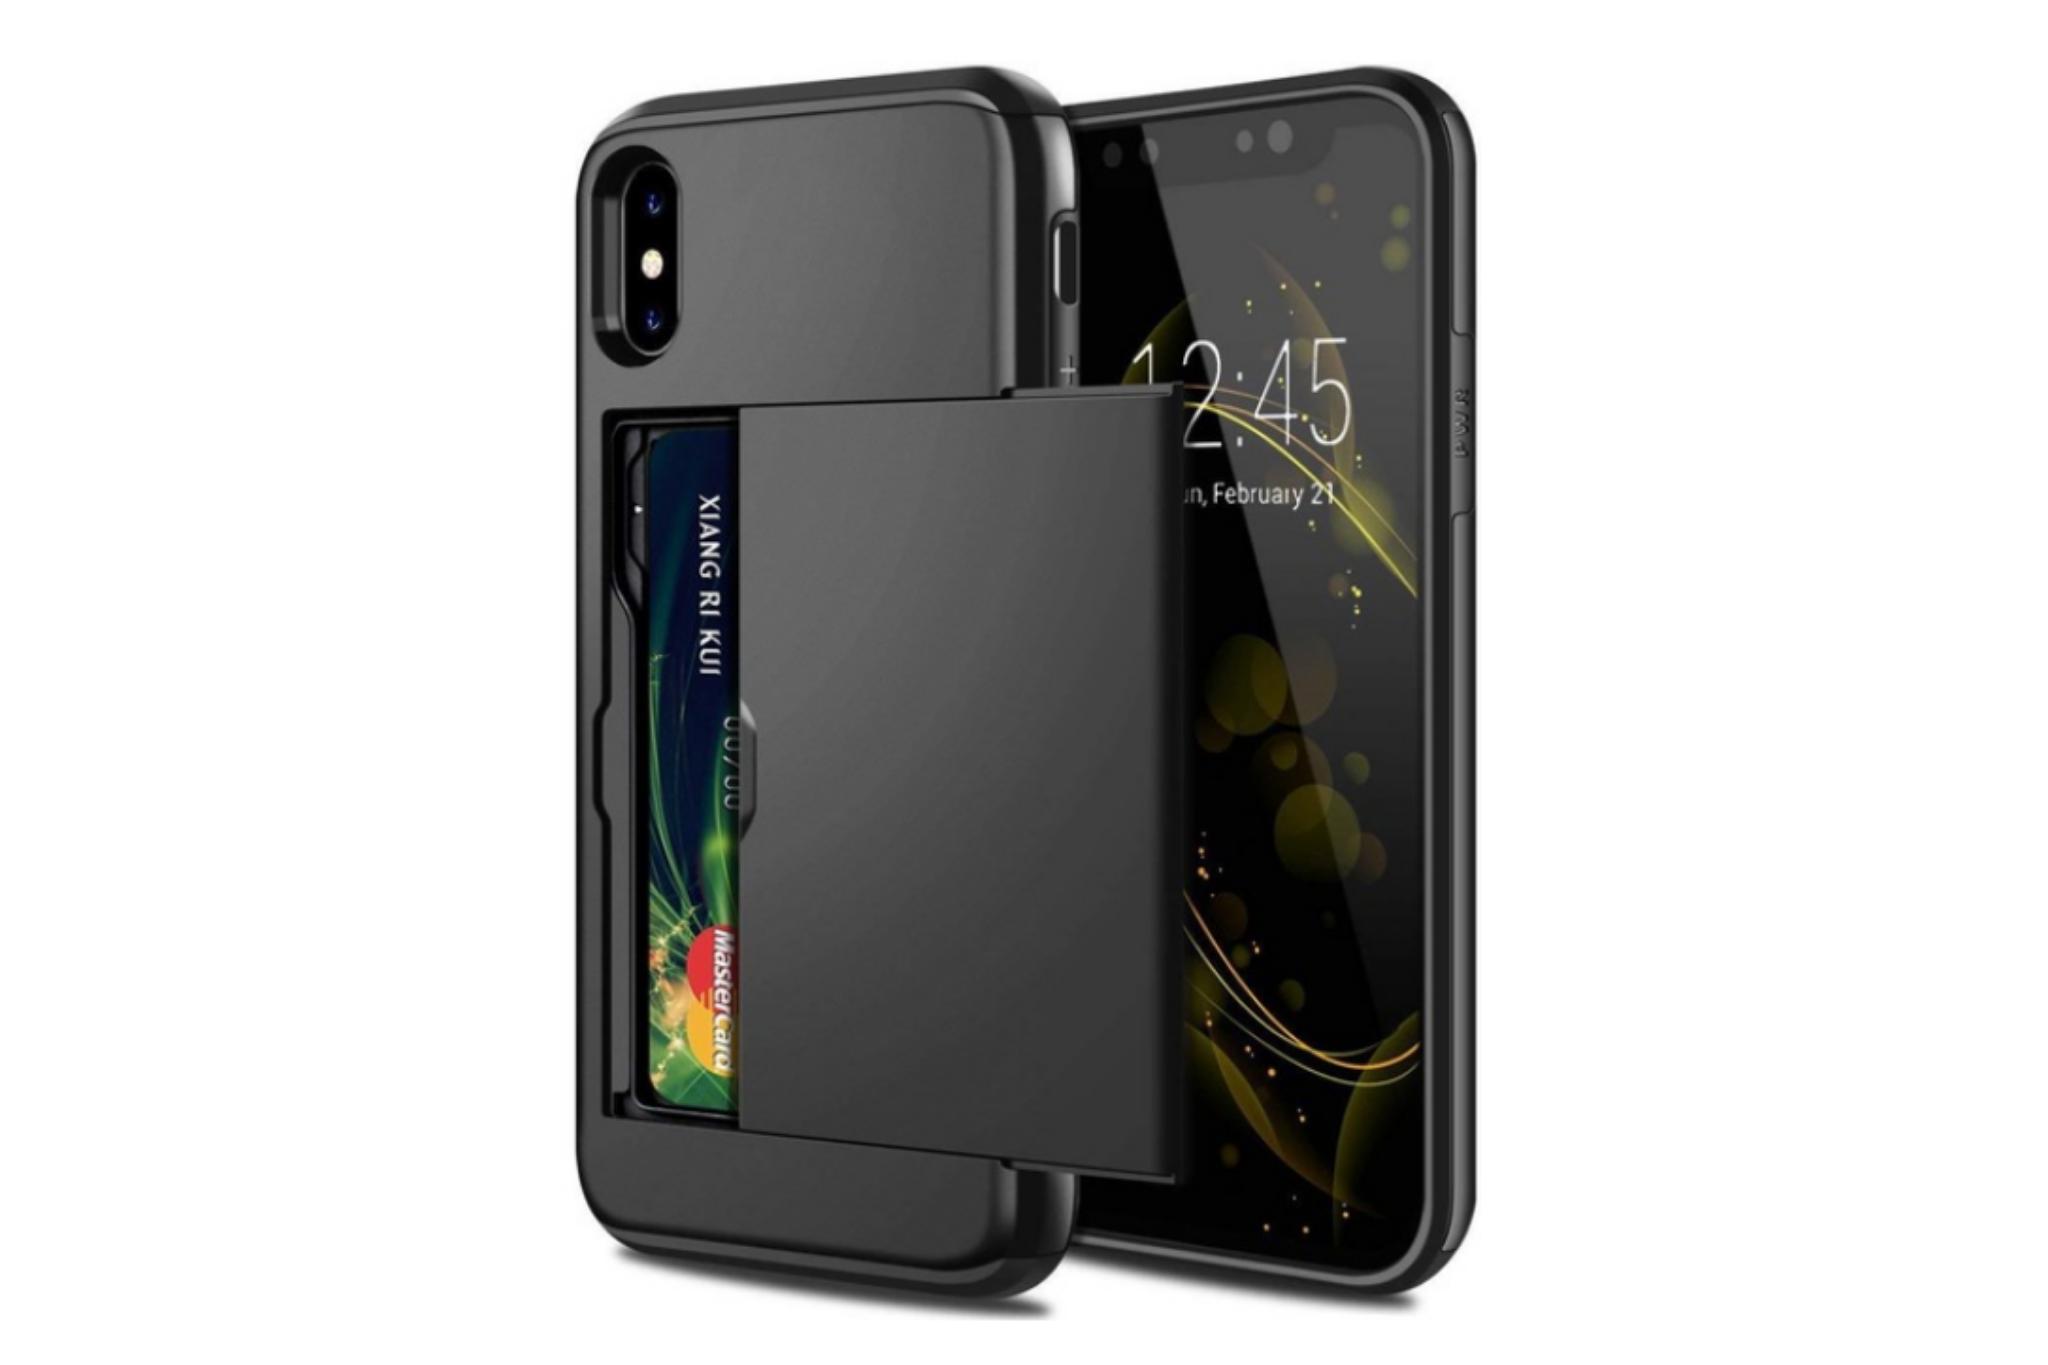 Smartphonehoesje iPhone 7 plus / 8 plus   Pasjesschuif   Zwart